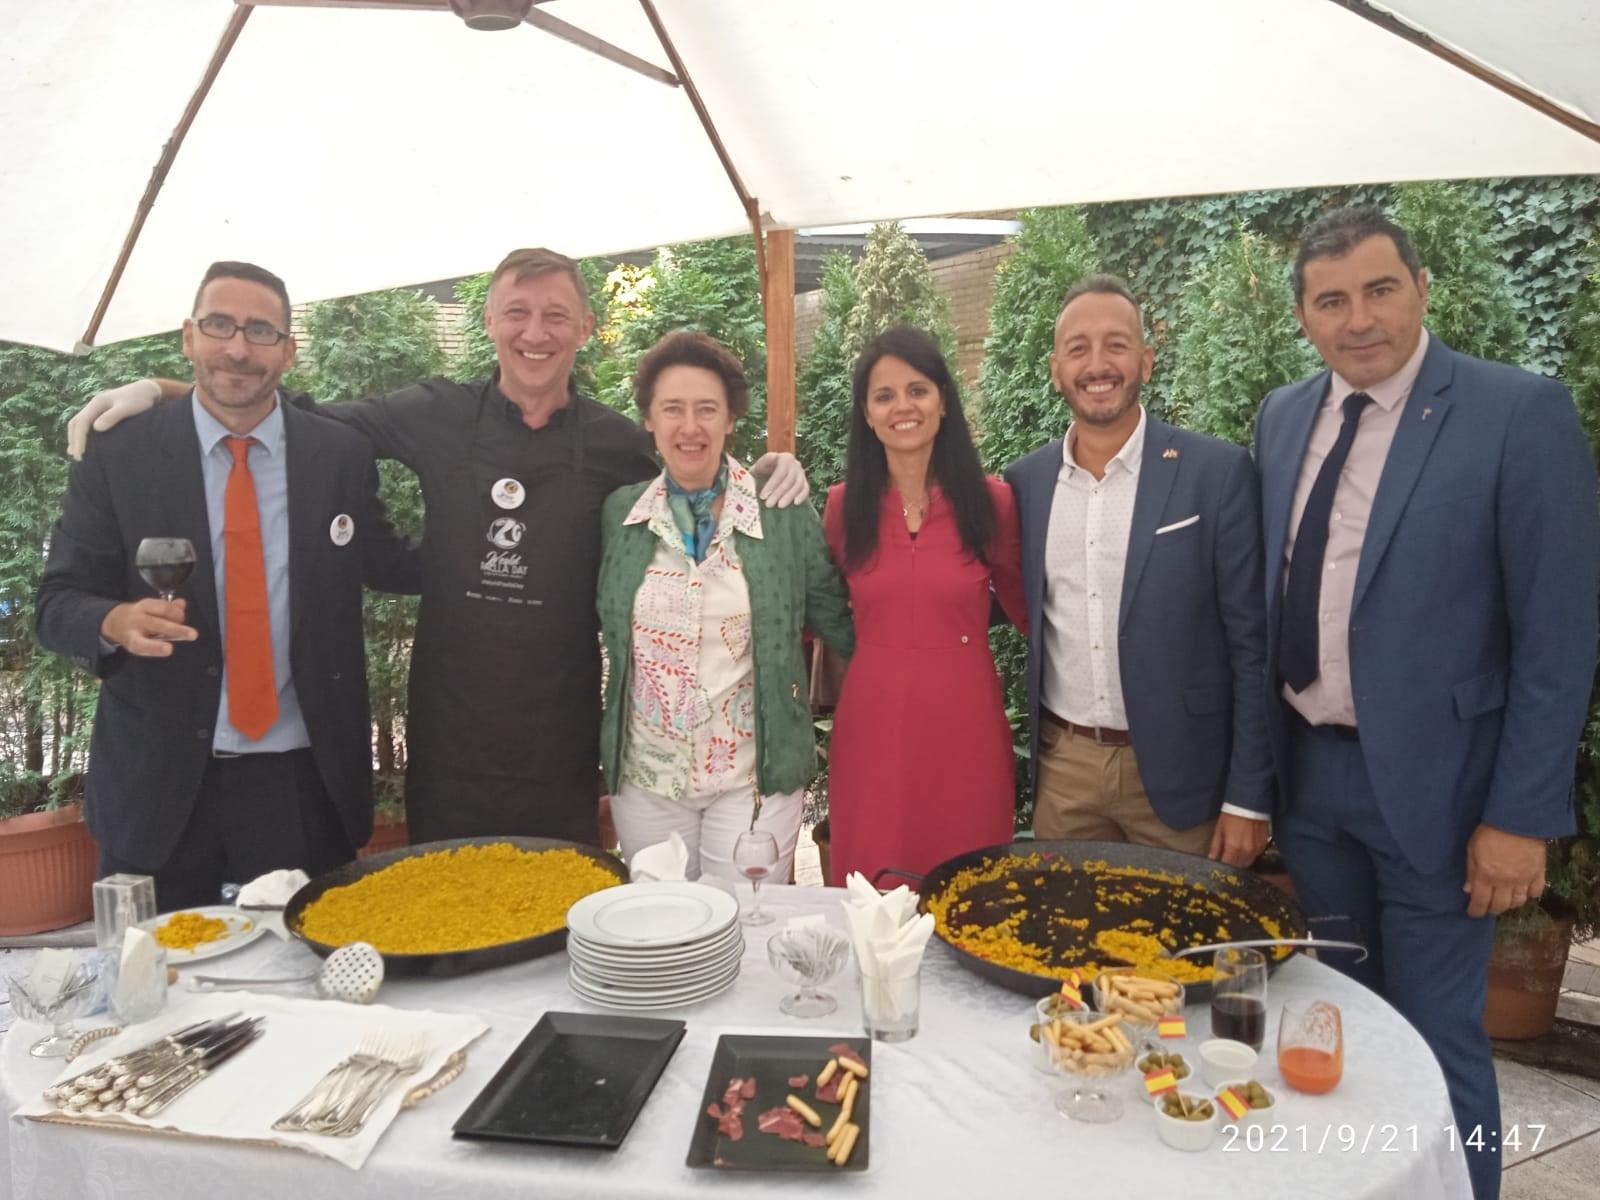 Turisme promociona la oferta gastronómica y turística de la Comunitat Valenciana en Hungría ante agentes de viajes, turoperadores y medios de comu...